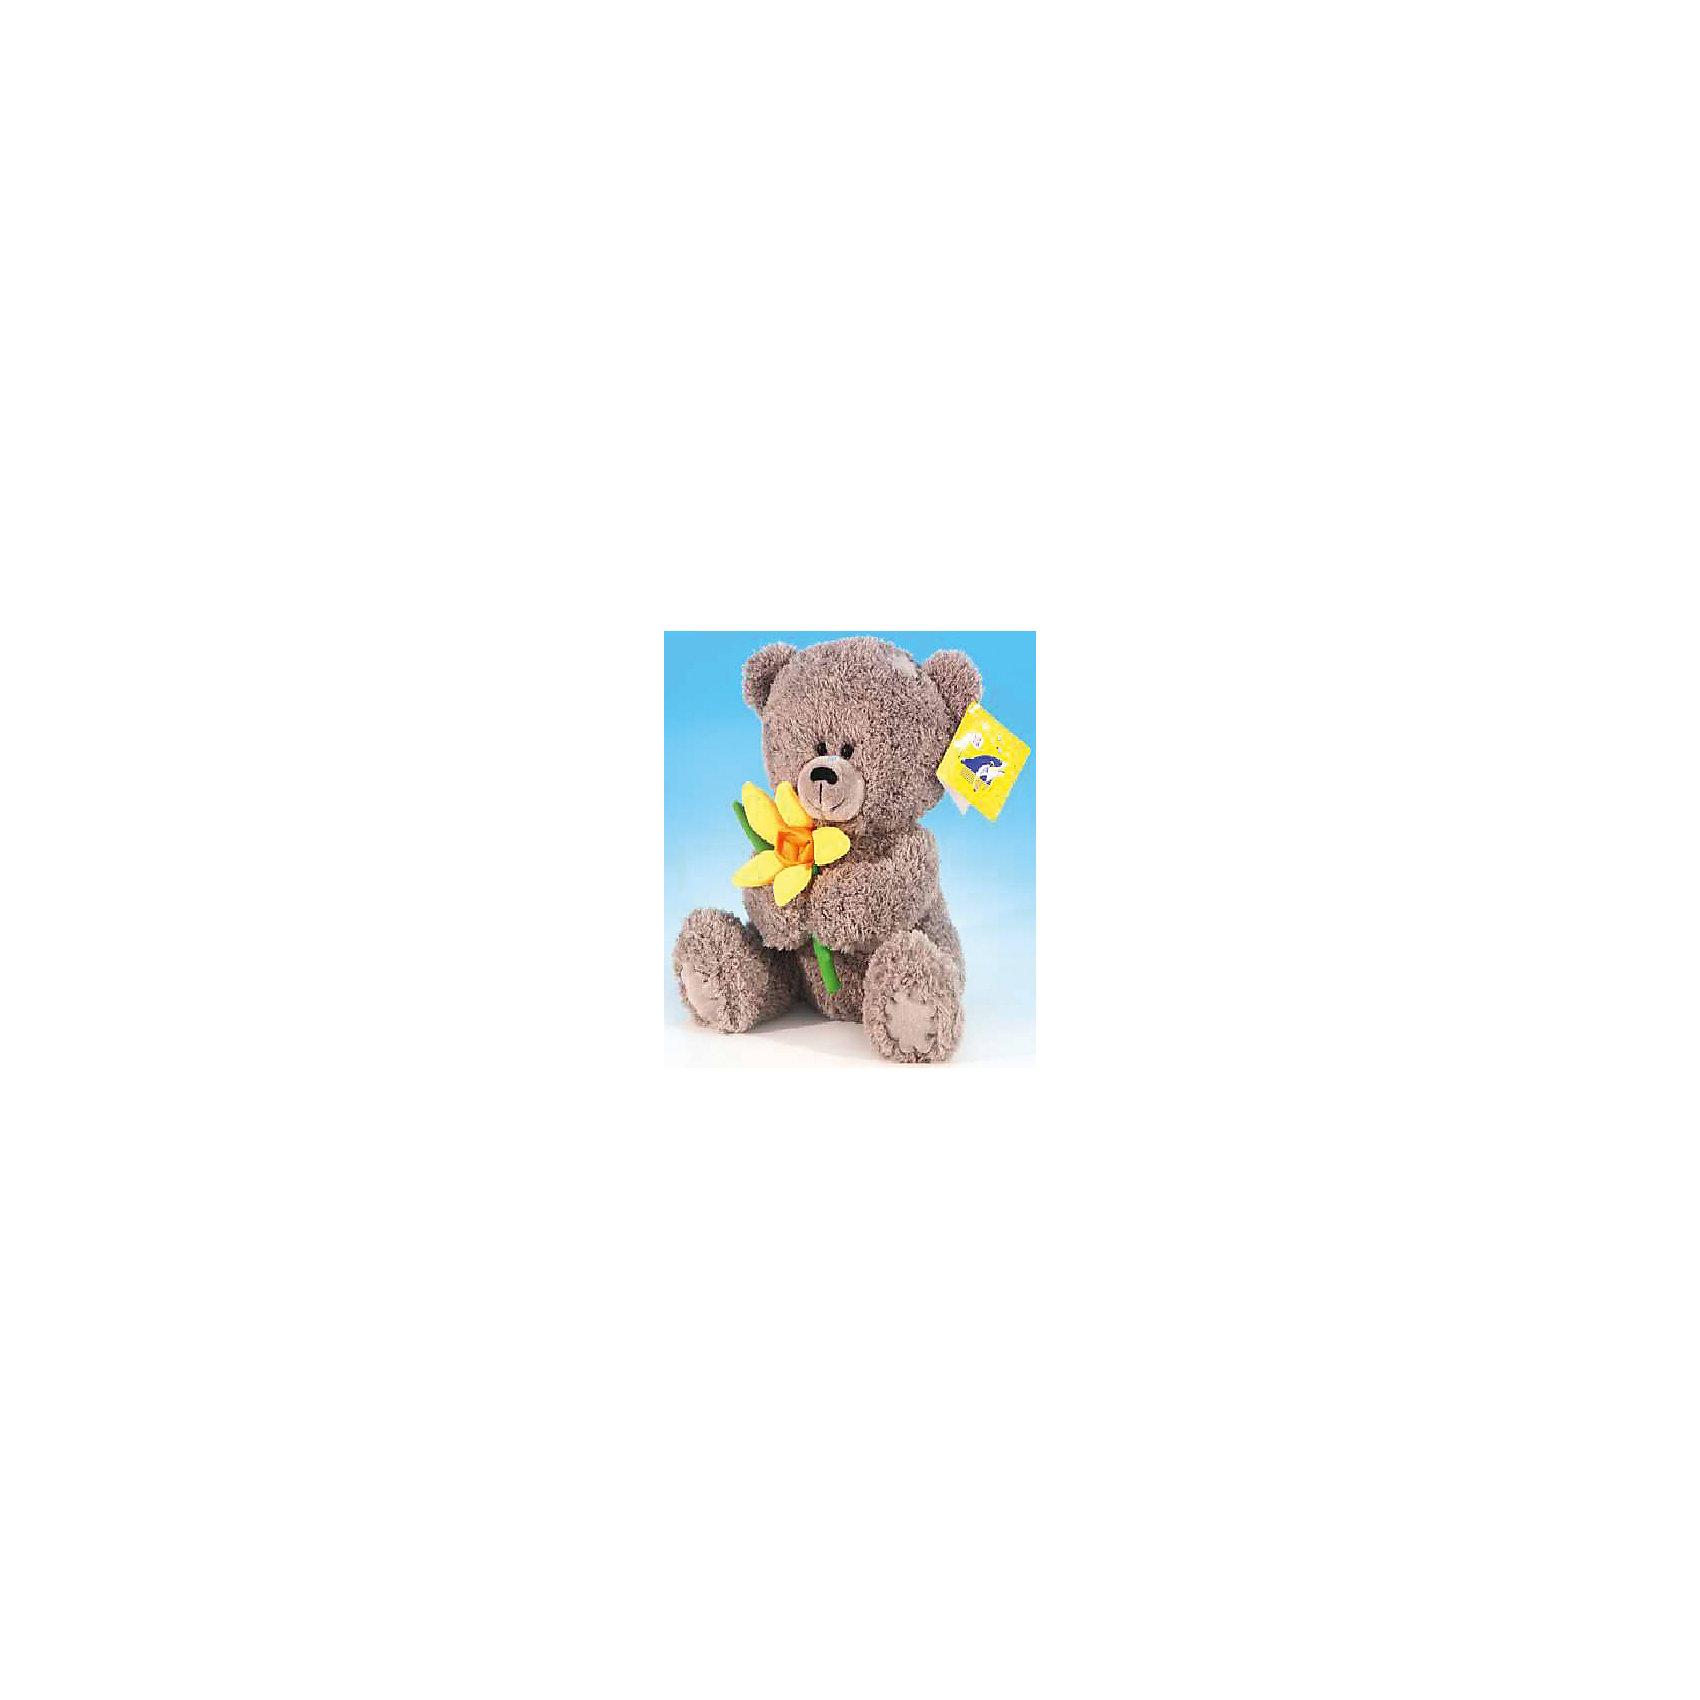 Медвежонок с нарциссом, музыкальный, 20см., LAVAМедвежата<br>Этот очаровательный мишка не оставит равнодушным ни одного ребенка! Милый медведь очень мягкий и приятный на ощупь, он умеет петь песенку и обязательно поднимет настроение малышам! Мишка изготовлен из высококачественных экологичных материалов. <br><br>Дополнительная информация:<br><br>- Материал: искусственный мех, текстиль, синтепон, пластик.<br>- Высота: 20 см. <br>- Поет песенку <br>- Элемент питания: батарейка (в комплекте).<br><br>Медвежонка с нарциссом, музыкального, 20 см., LAVA (ЛАВА) можно купить в нашем магазине.<br><br>Ширина мм: 150<br>Глубина мм: 150<br>Высота мм: 200<br>Вес г: 203<br>Возраст от месяцев: 36<br>Возраст до месяцев: 1188<br>Пол: Унисекс<br>Возраст: Детский<br>SKU: 4444158